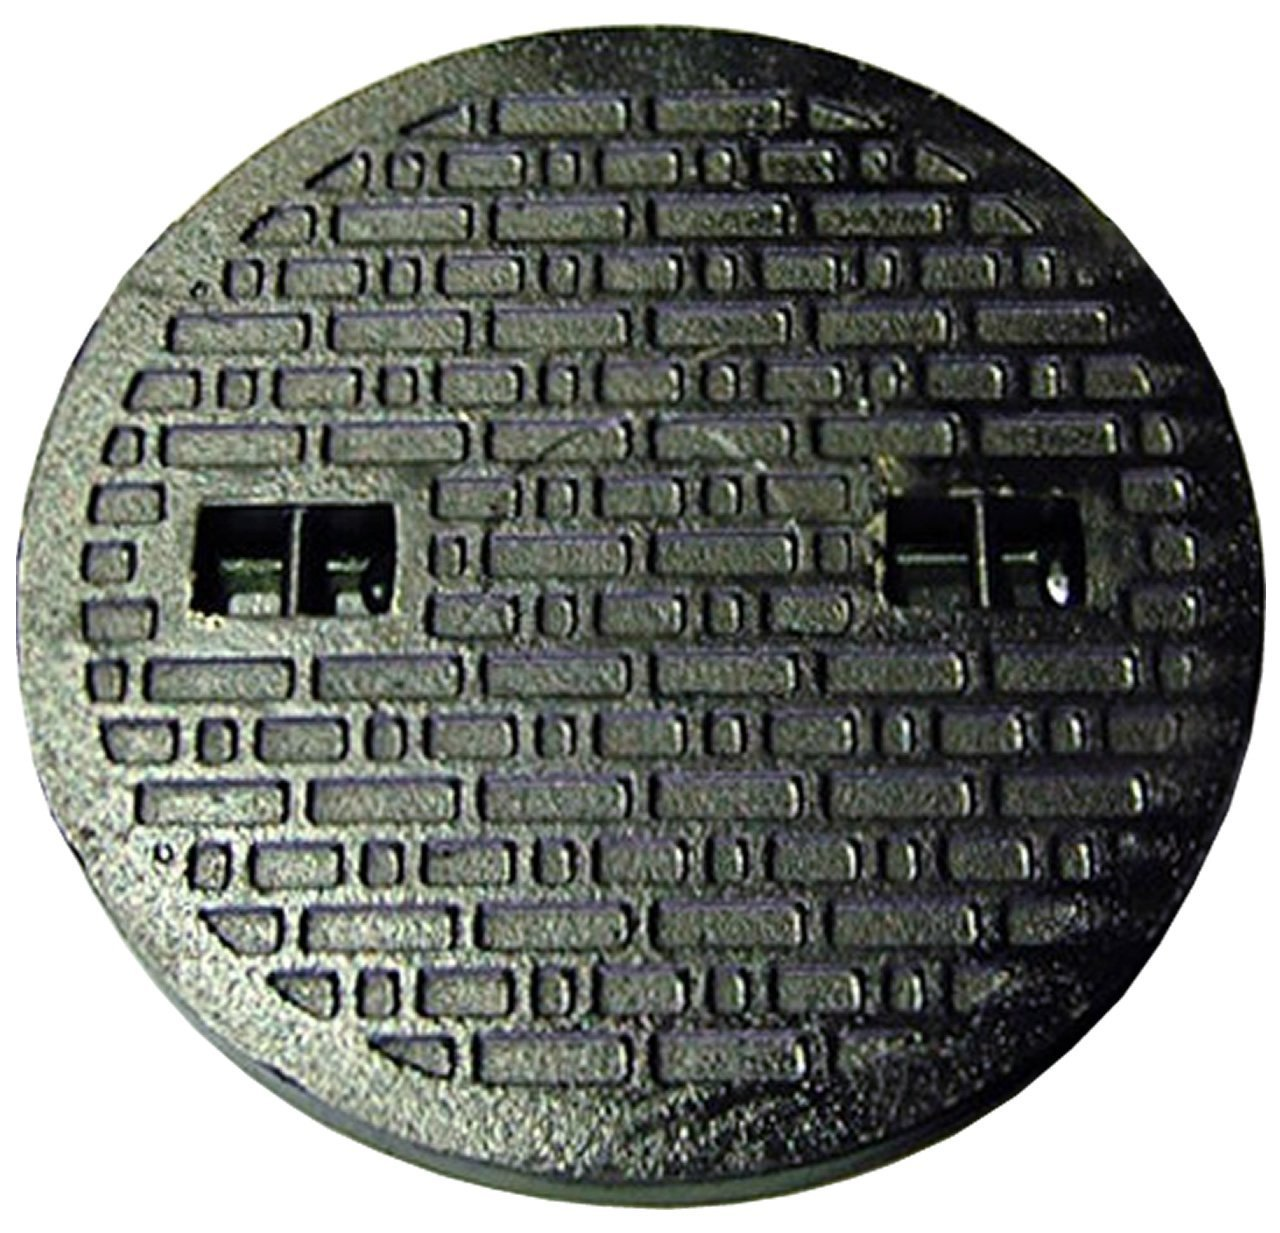 鋳鉄製 マンホール フタ 乗用車荷重(約2t車)マンホール 浄化槽 蓋のみ 穴径400mm (フタ径445mm) MK-1-400 B01I33LIYC 10000 穴径400mm  穴径400mm